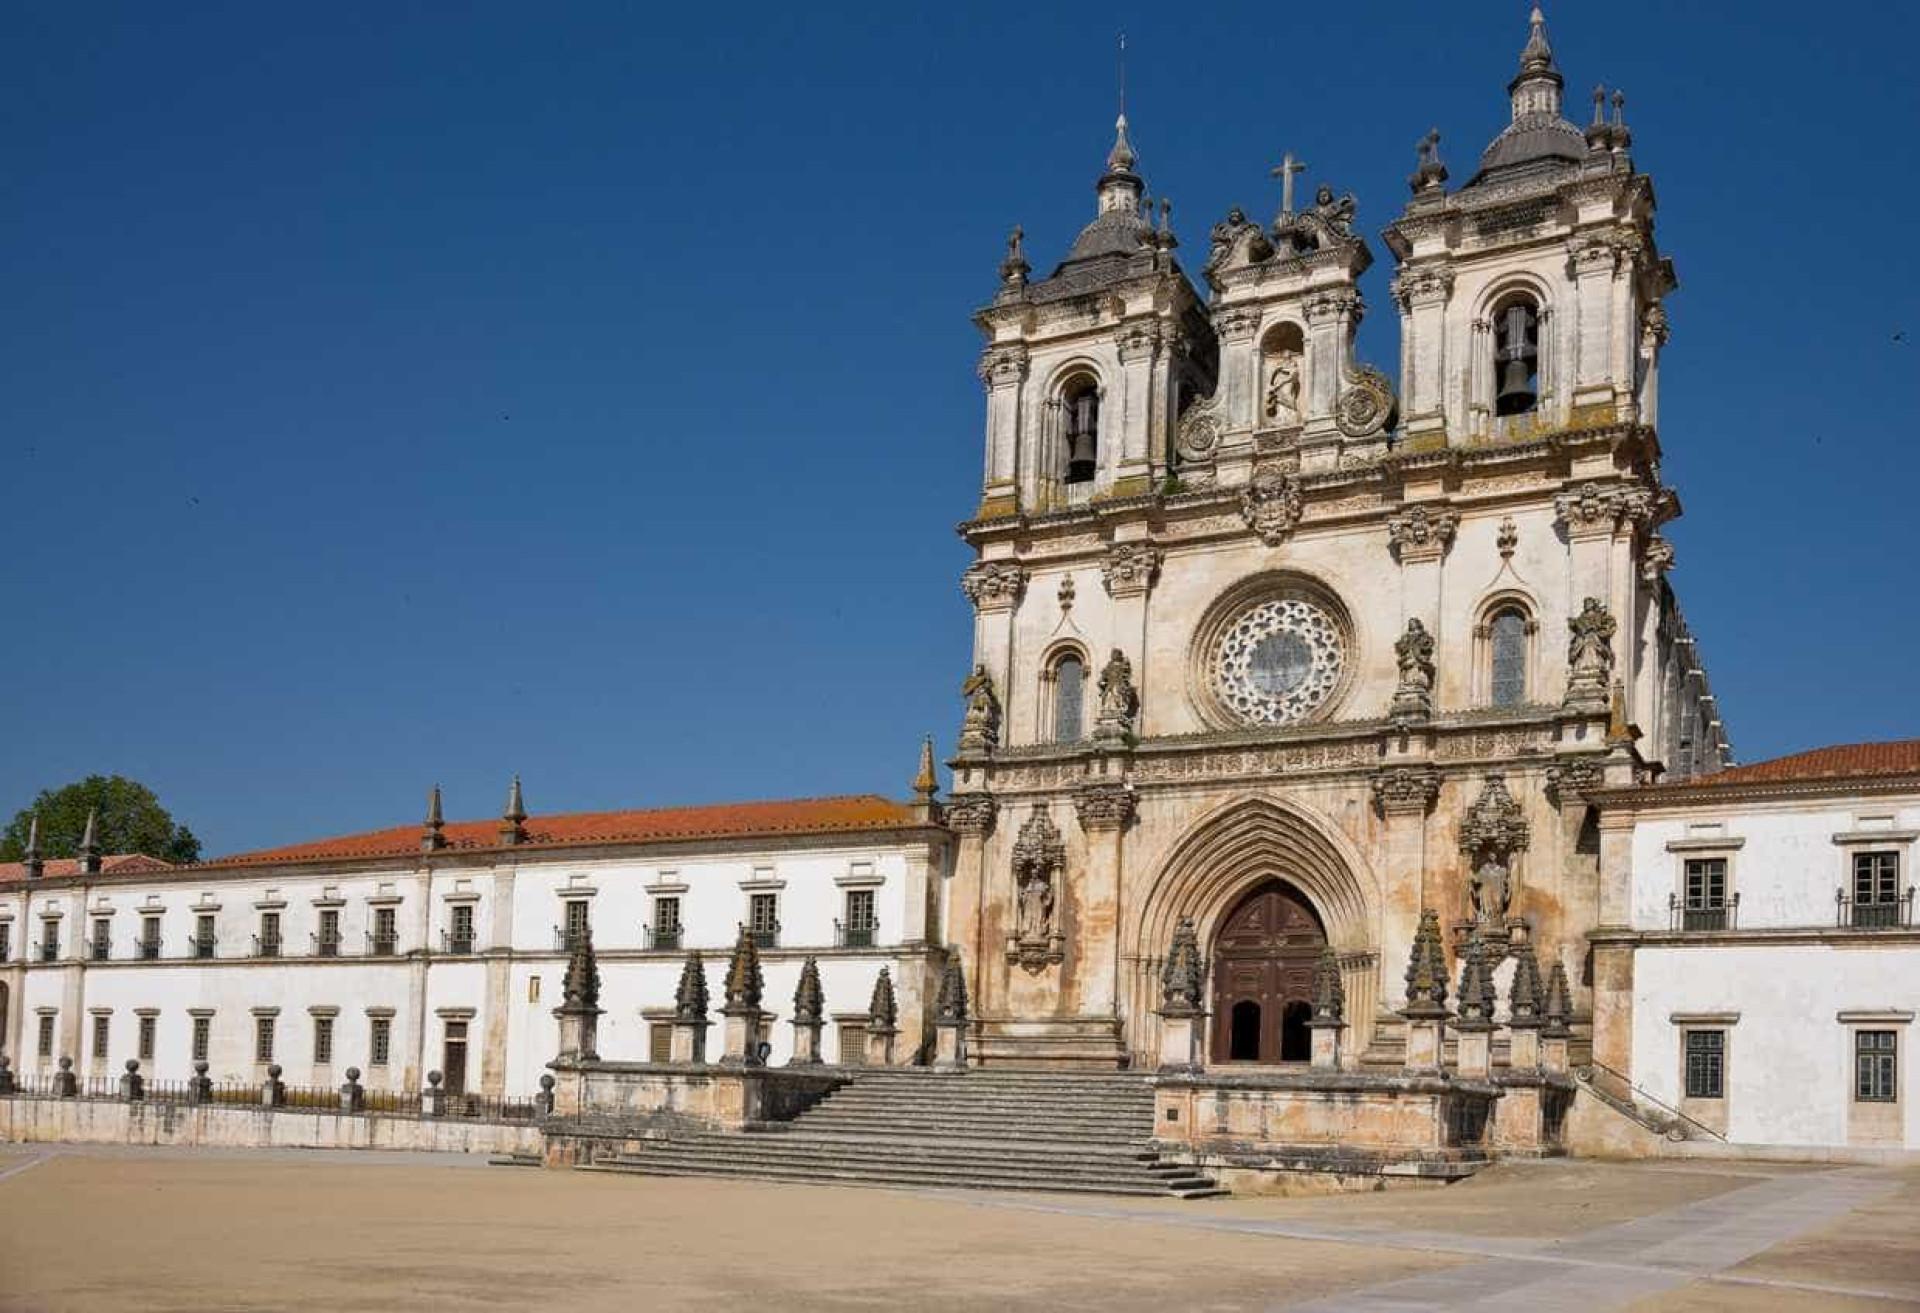 Os 20 mais belos locais Património Mundial da UNESCO da Europa